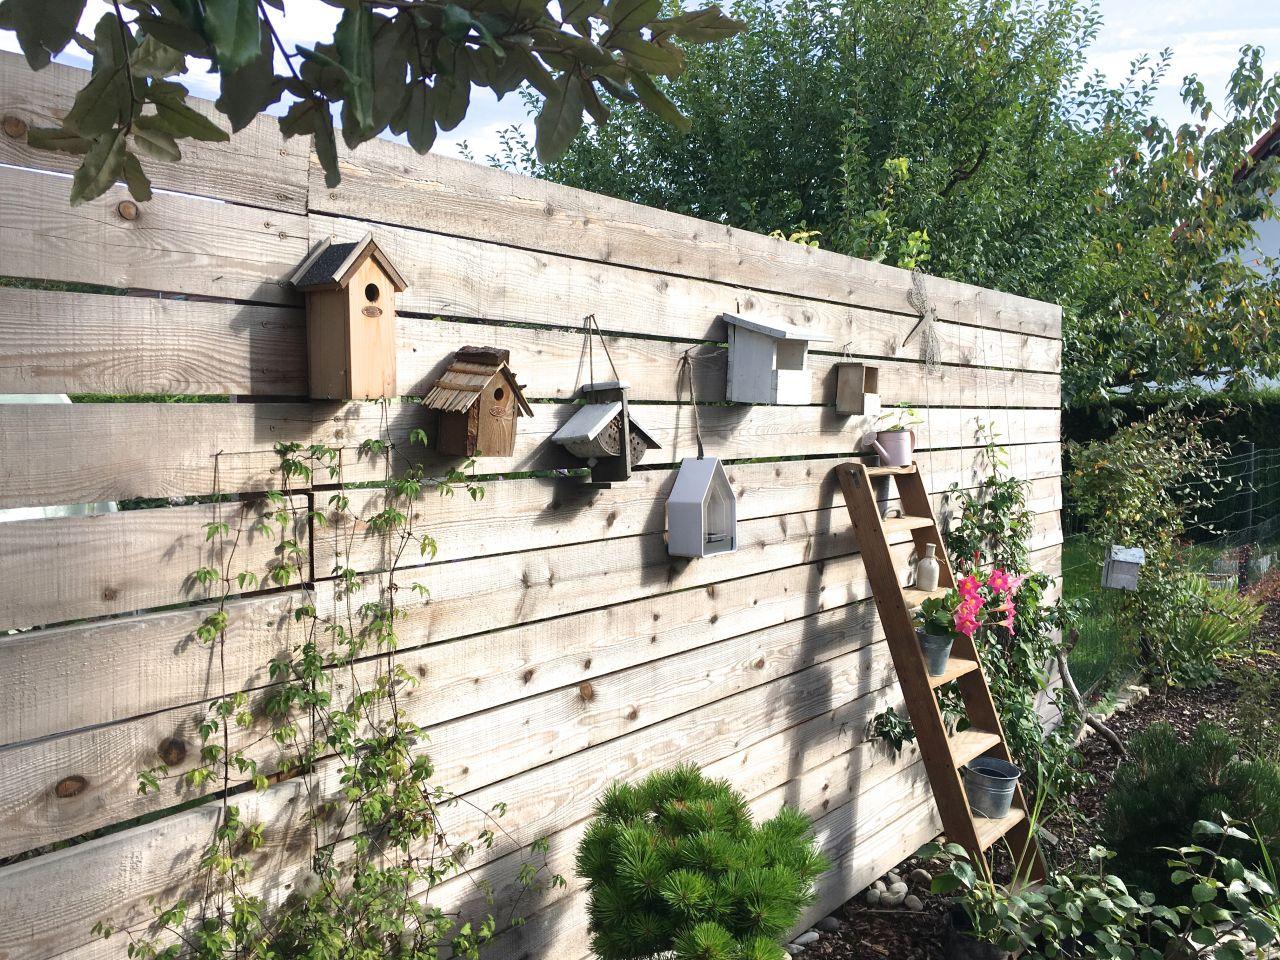 Début de collection de cabane à oiseaux